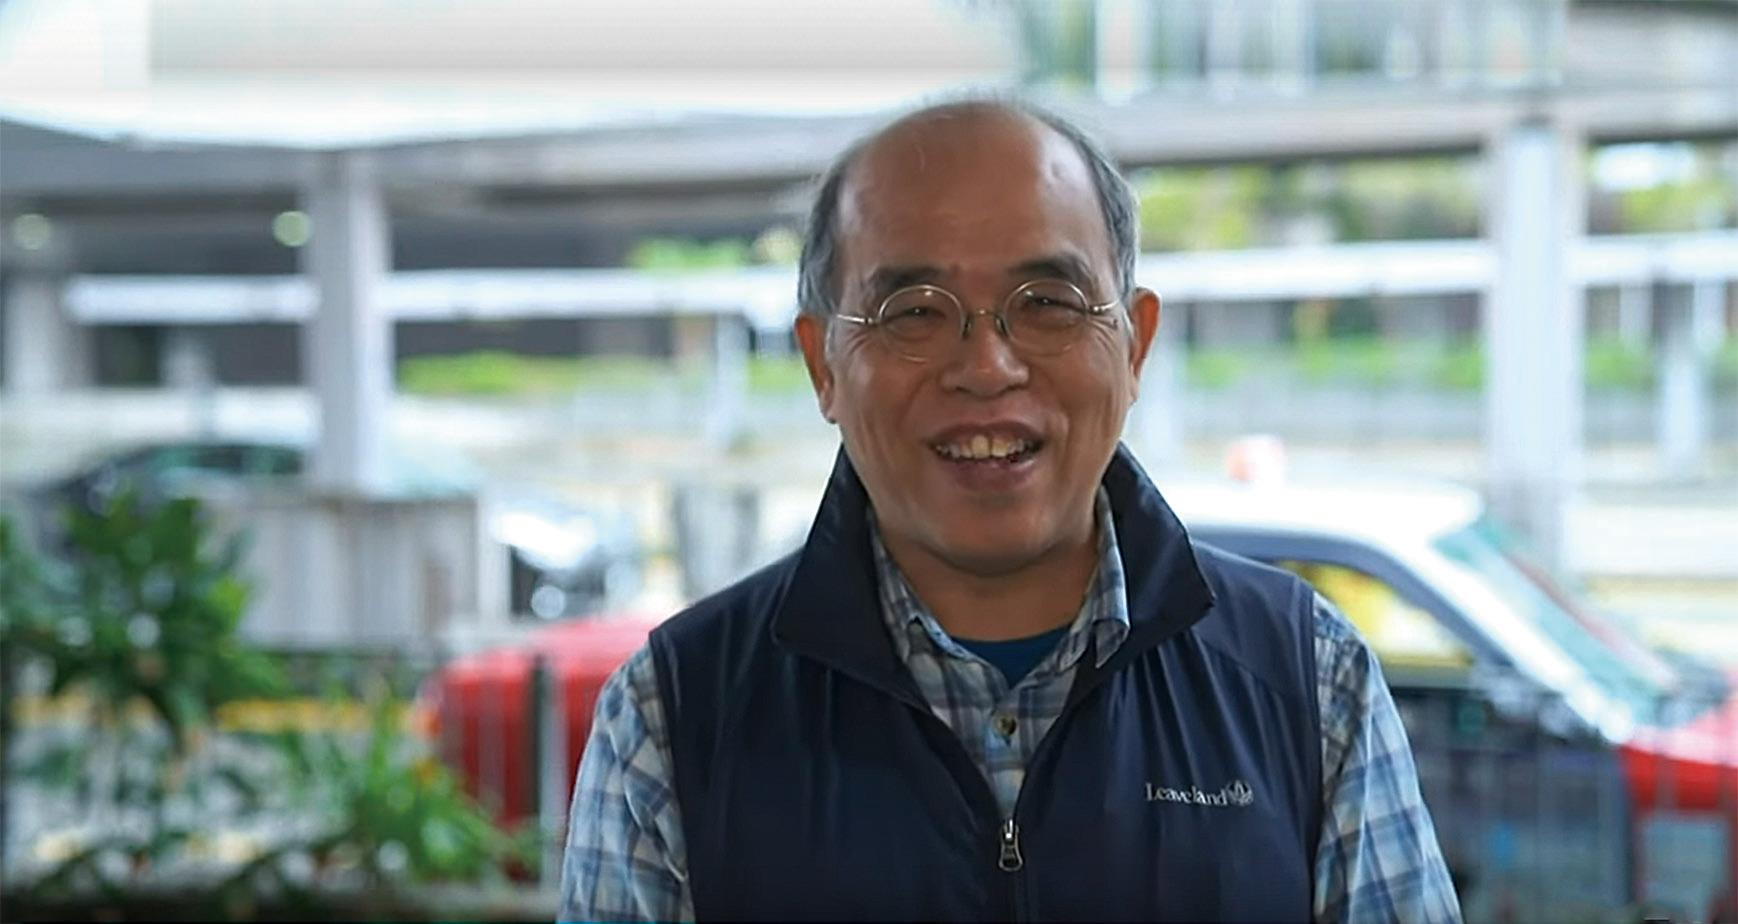 香港民意研究所名譽總監鍾劍華教授。(採訪影片截圖)